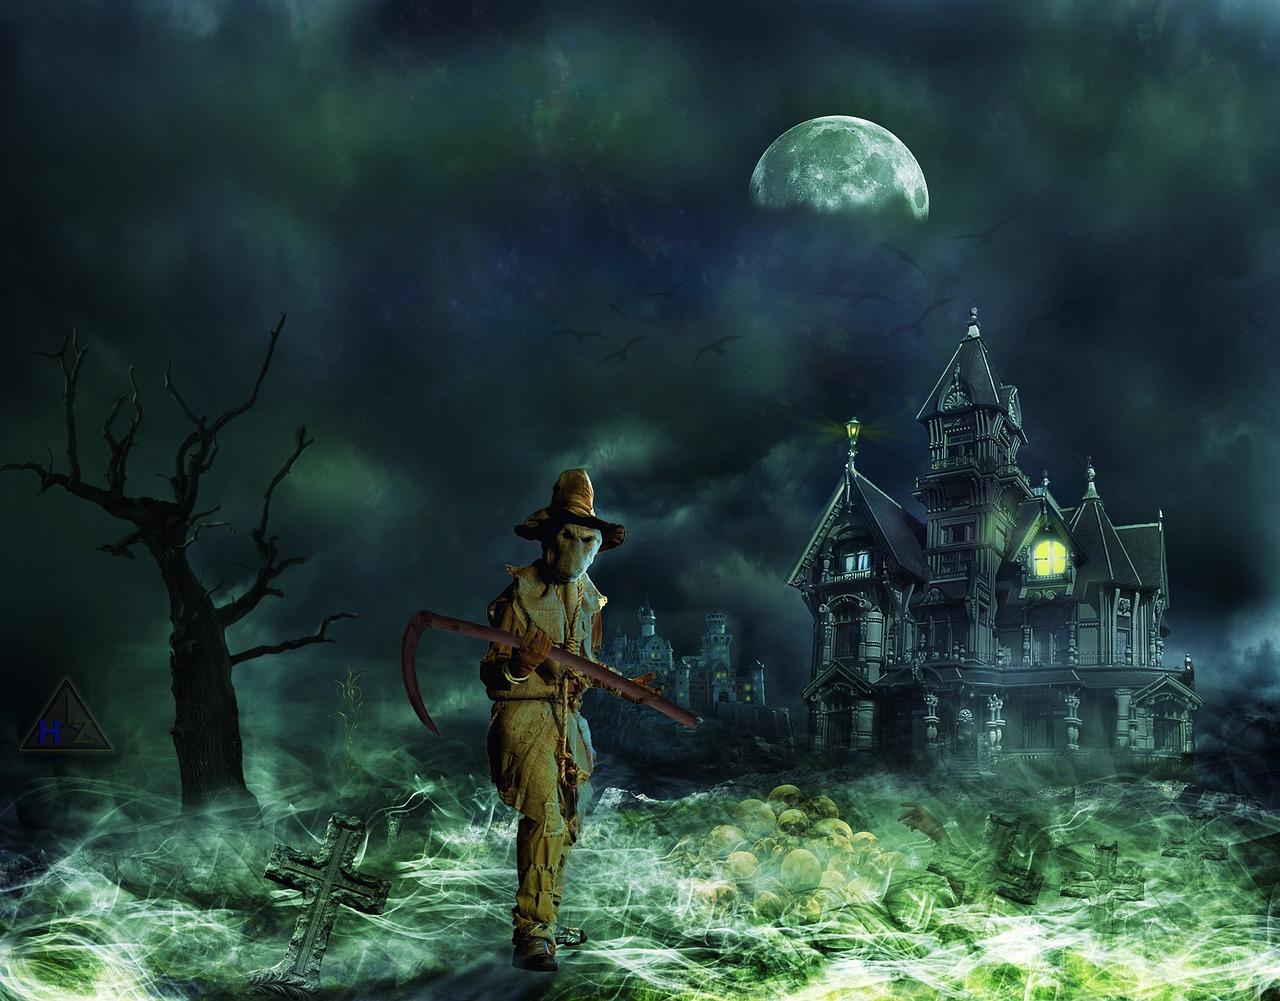 grim-reaper-656083_1280